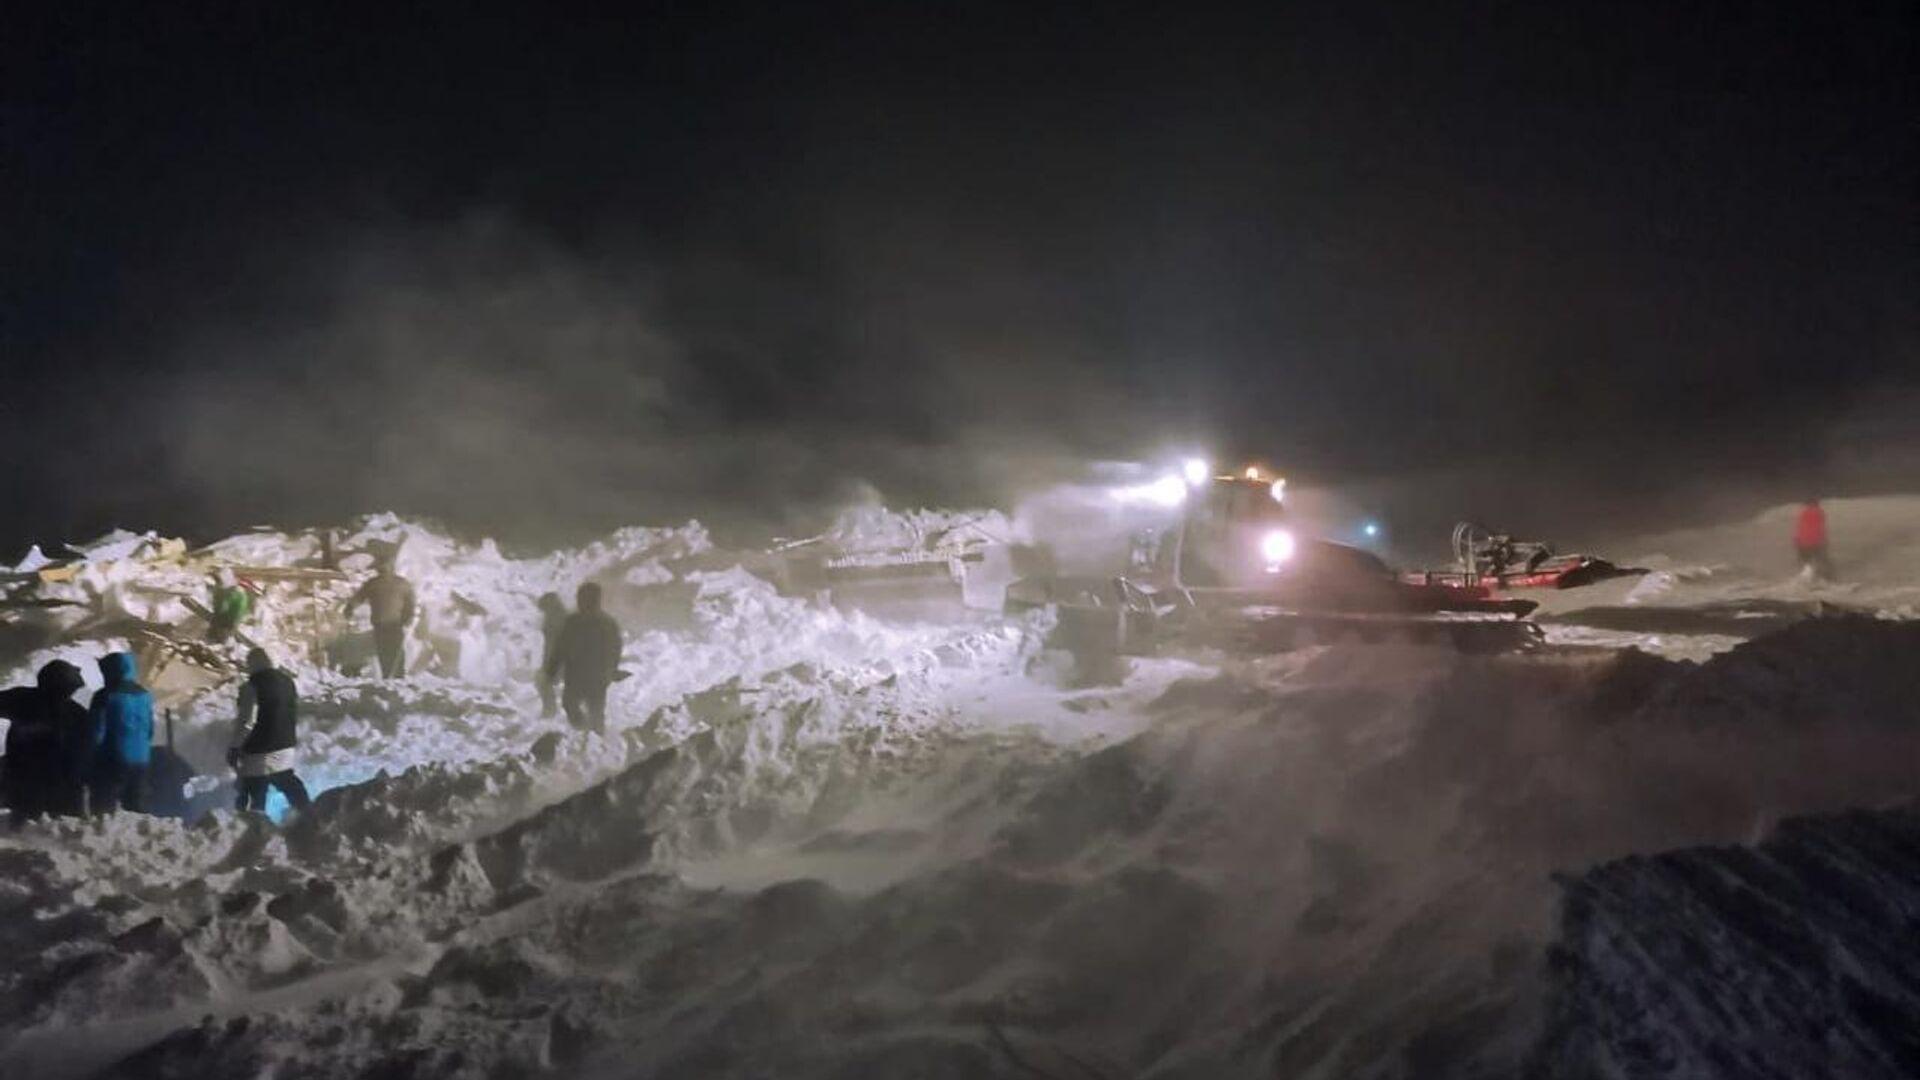 Сотрудники МЧС РФ проводят поисково-спасательные работы в районе горнолыжного комплекса Гора Отдельная в Норильске - РИА Новости, 1920, 09.01.2021